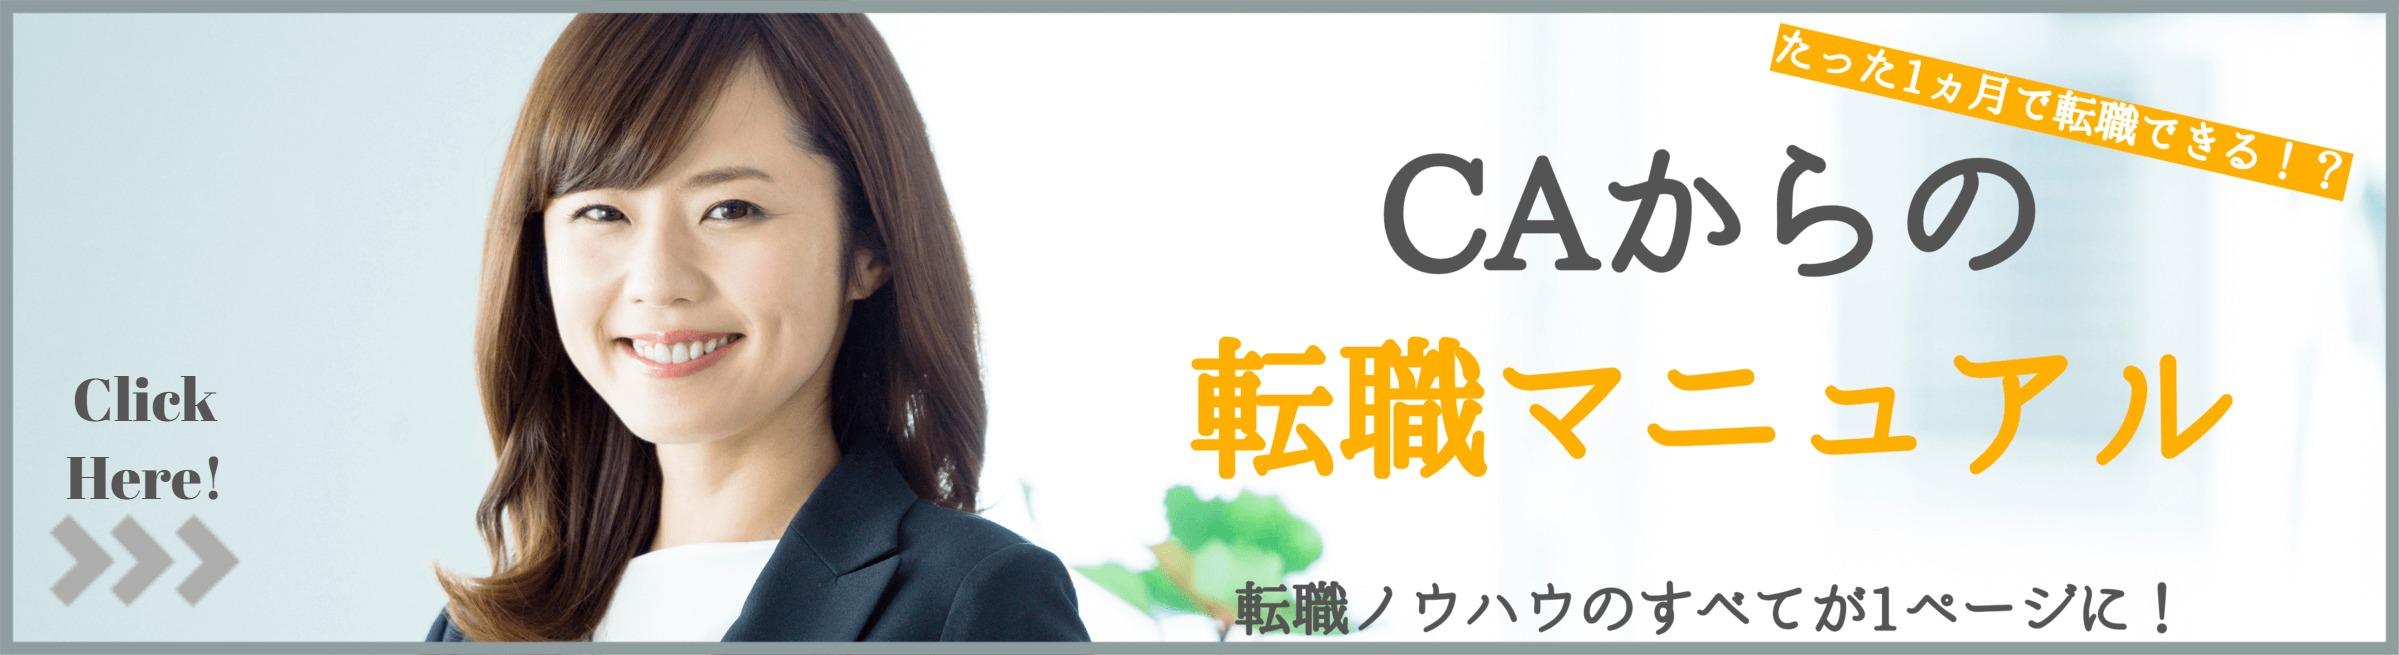 tenshoku manual banner